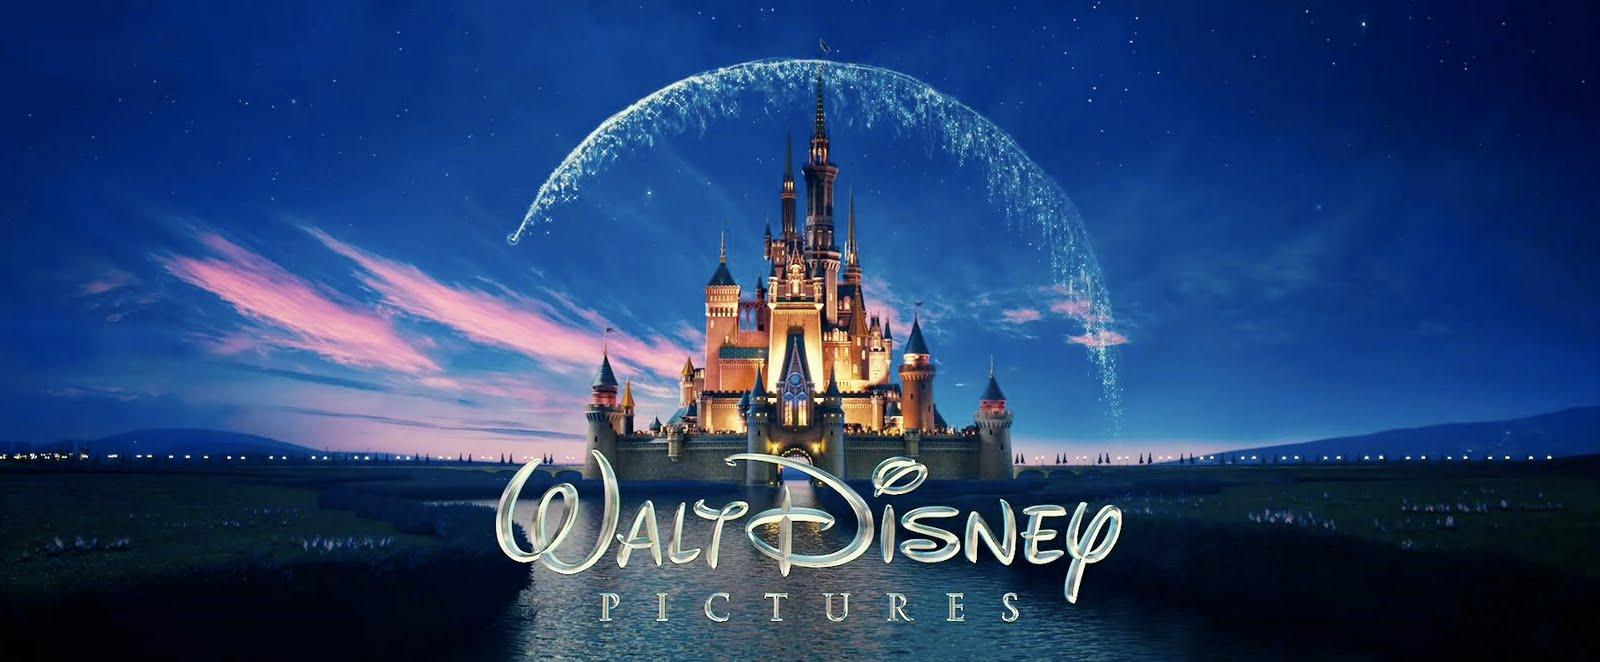 Quanto conosciamo le principesse Disney? Ecco gli inquietanti retroscena delle fiabe originali